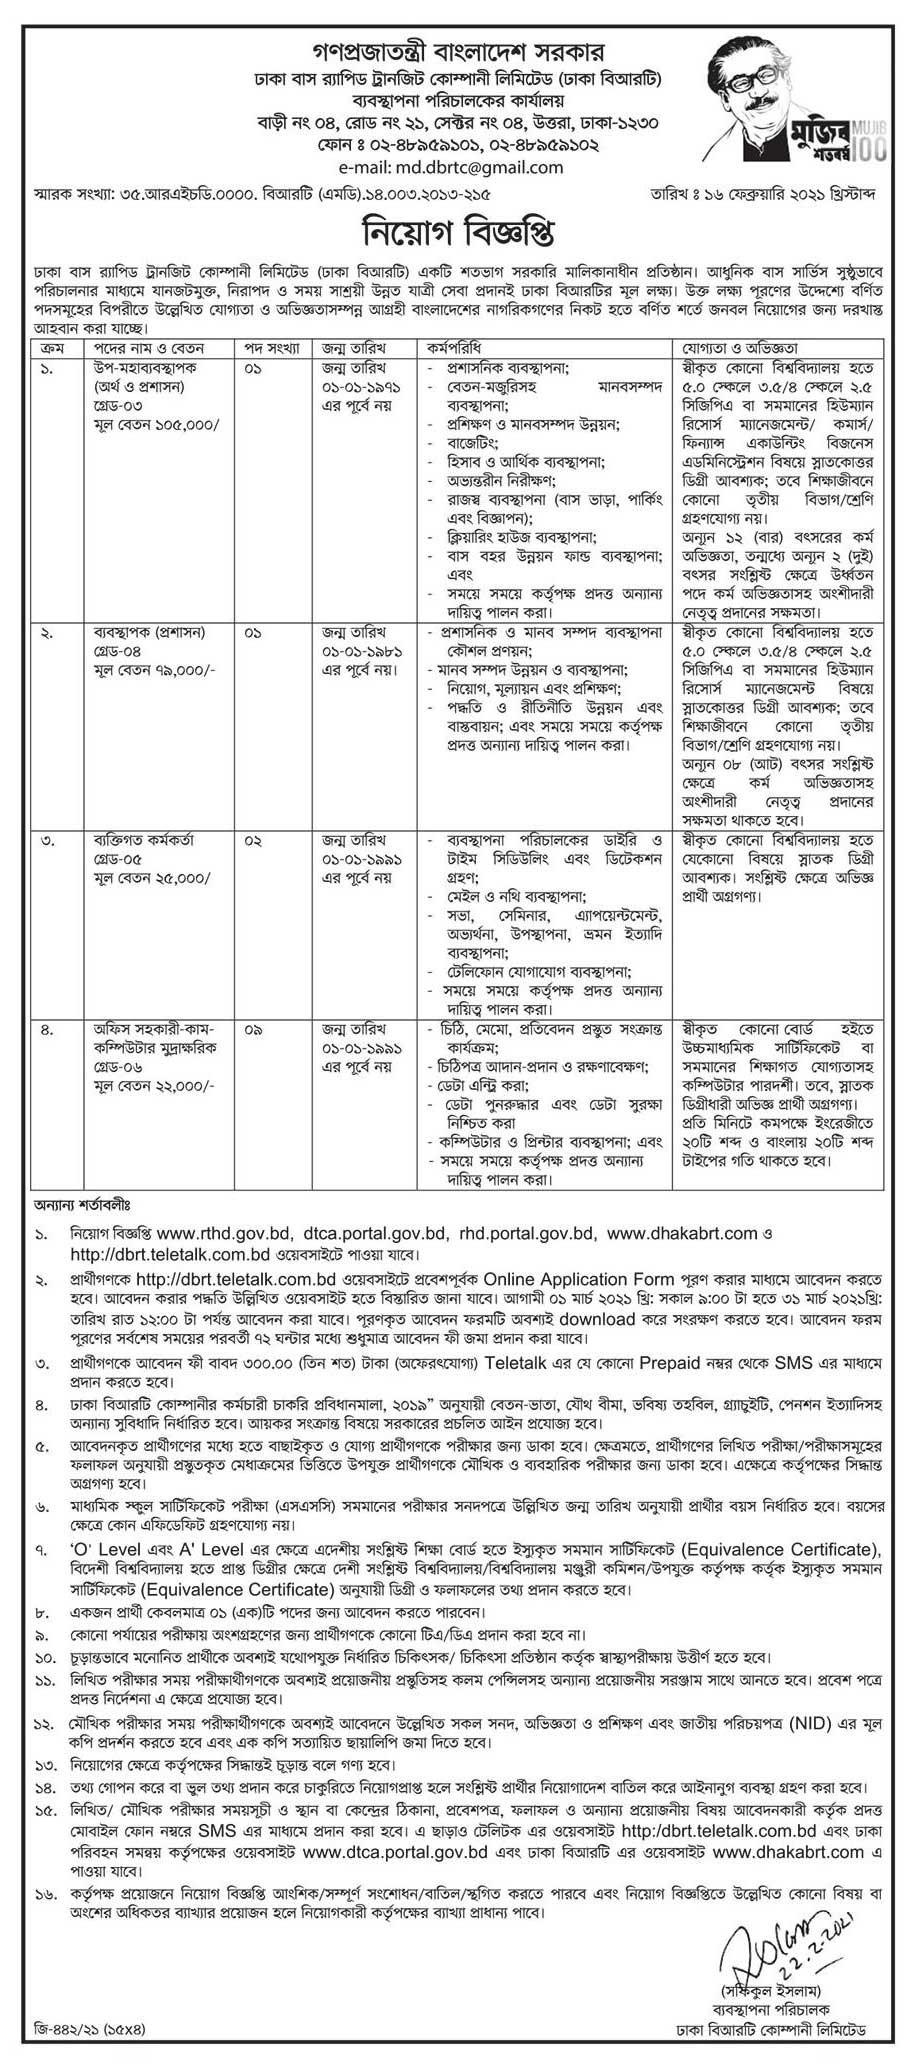 ঢাকা বিআরটিএ নিয়োগ বিজ্ঞপ্তি ২০২১ - Dhaka BRTA job circular 2021 - বিআরটিসি নিয়োগ বিজ্ঞপ্তি ২০২১